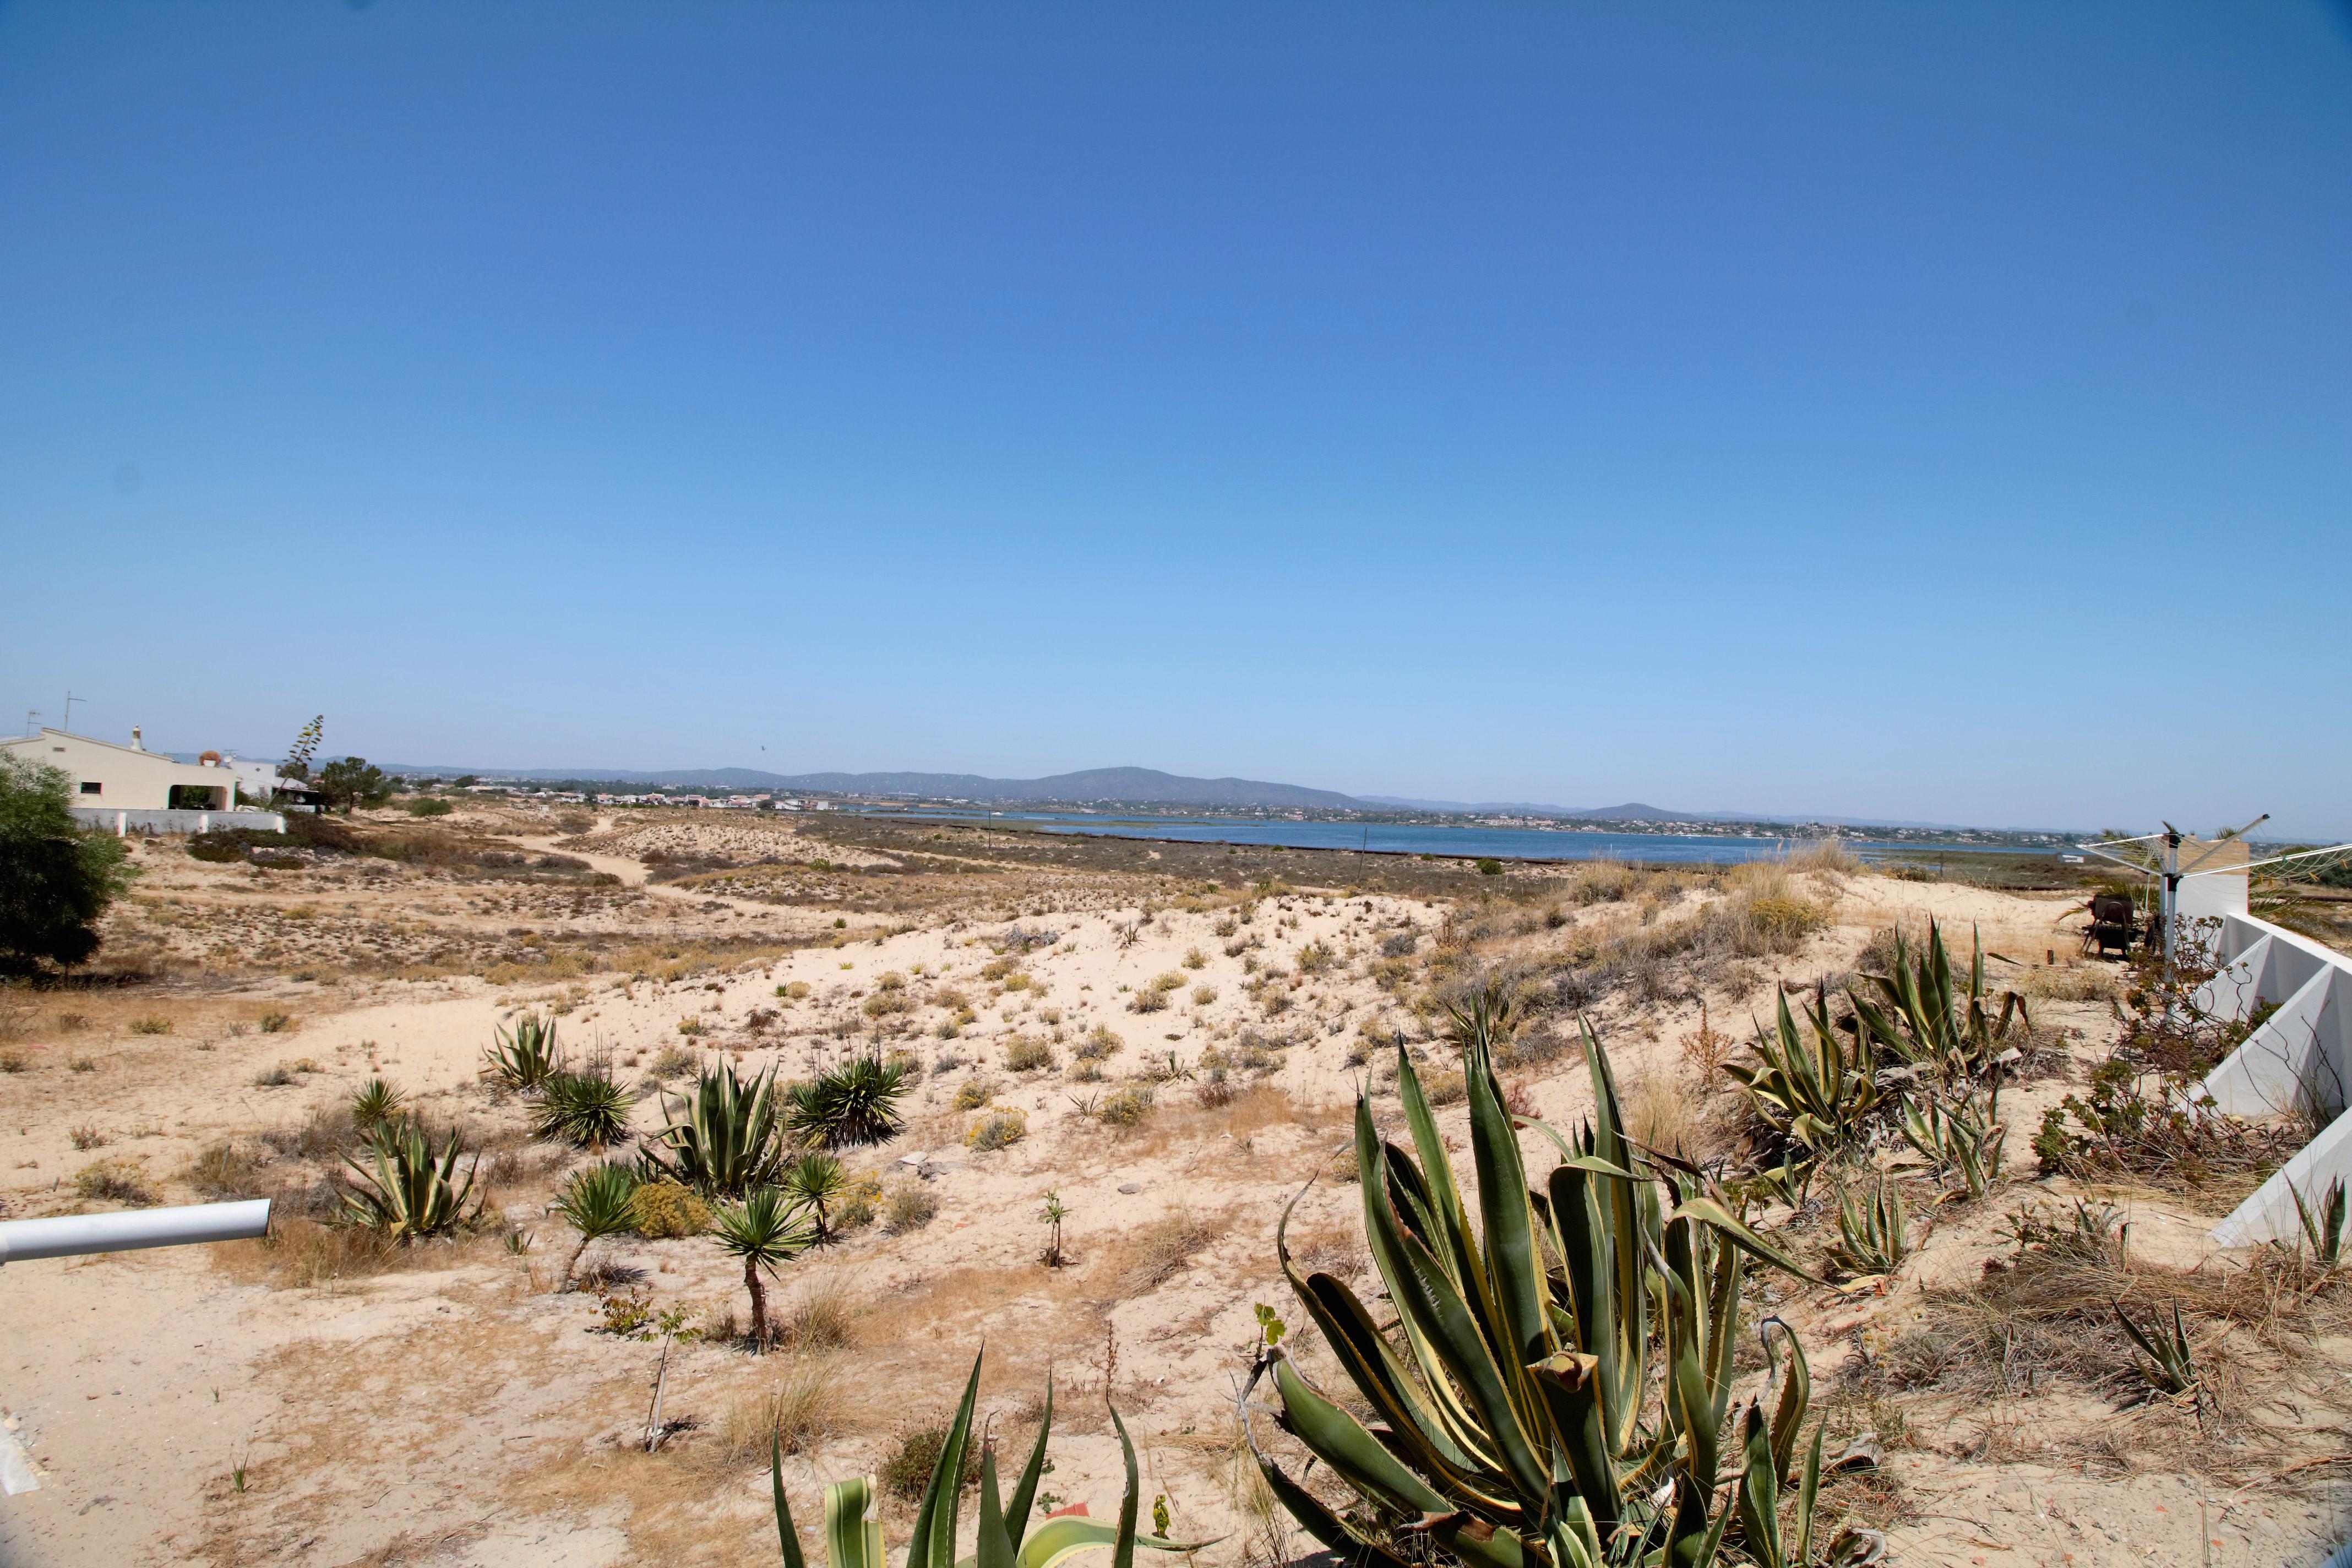 Holiday apartments and villas for rent, Moradia no Algarve com vista mar 10 mint da praia (a pé) in Olhão, Portugal Algarve, REF_IMG_6691_6707